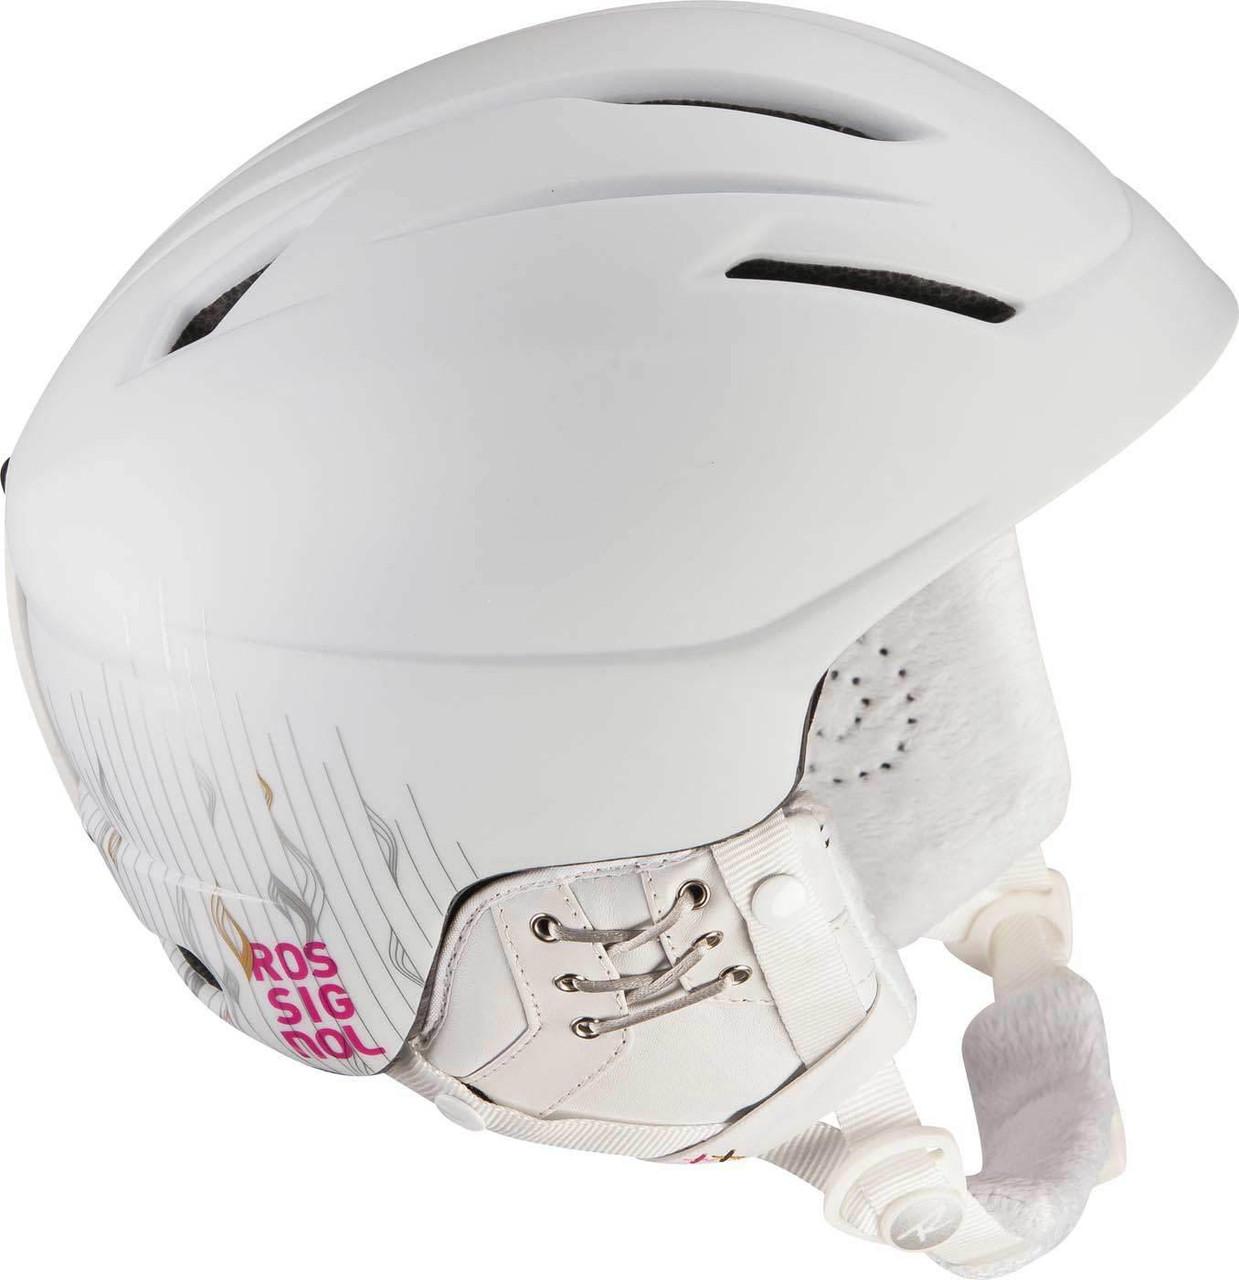 Горнолыжный шлем женский Rossignol RH2 FREE WHITE/PINK, XL (MD)